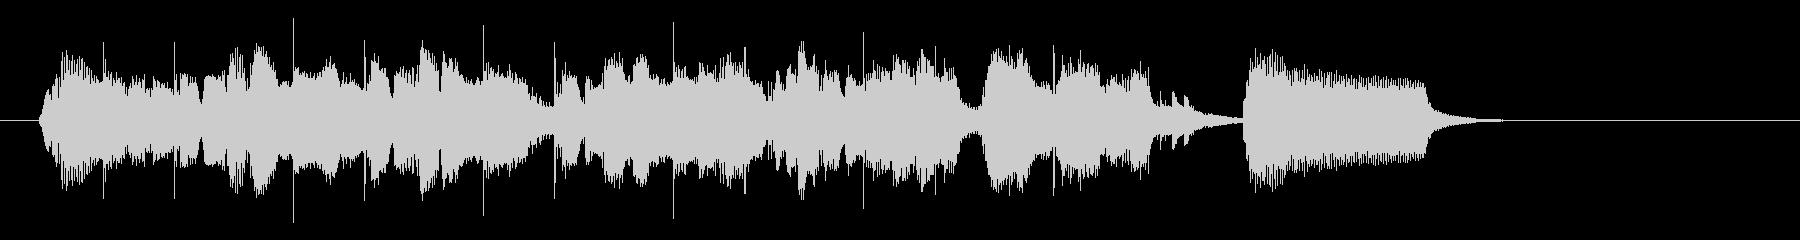 軽快なボサノバジングルの未再生の波形